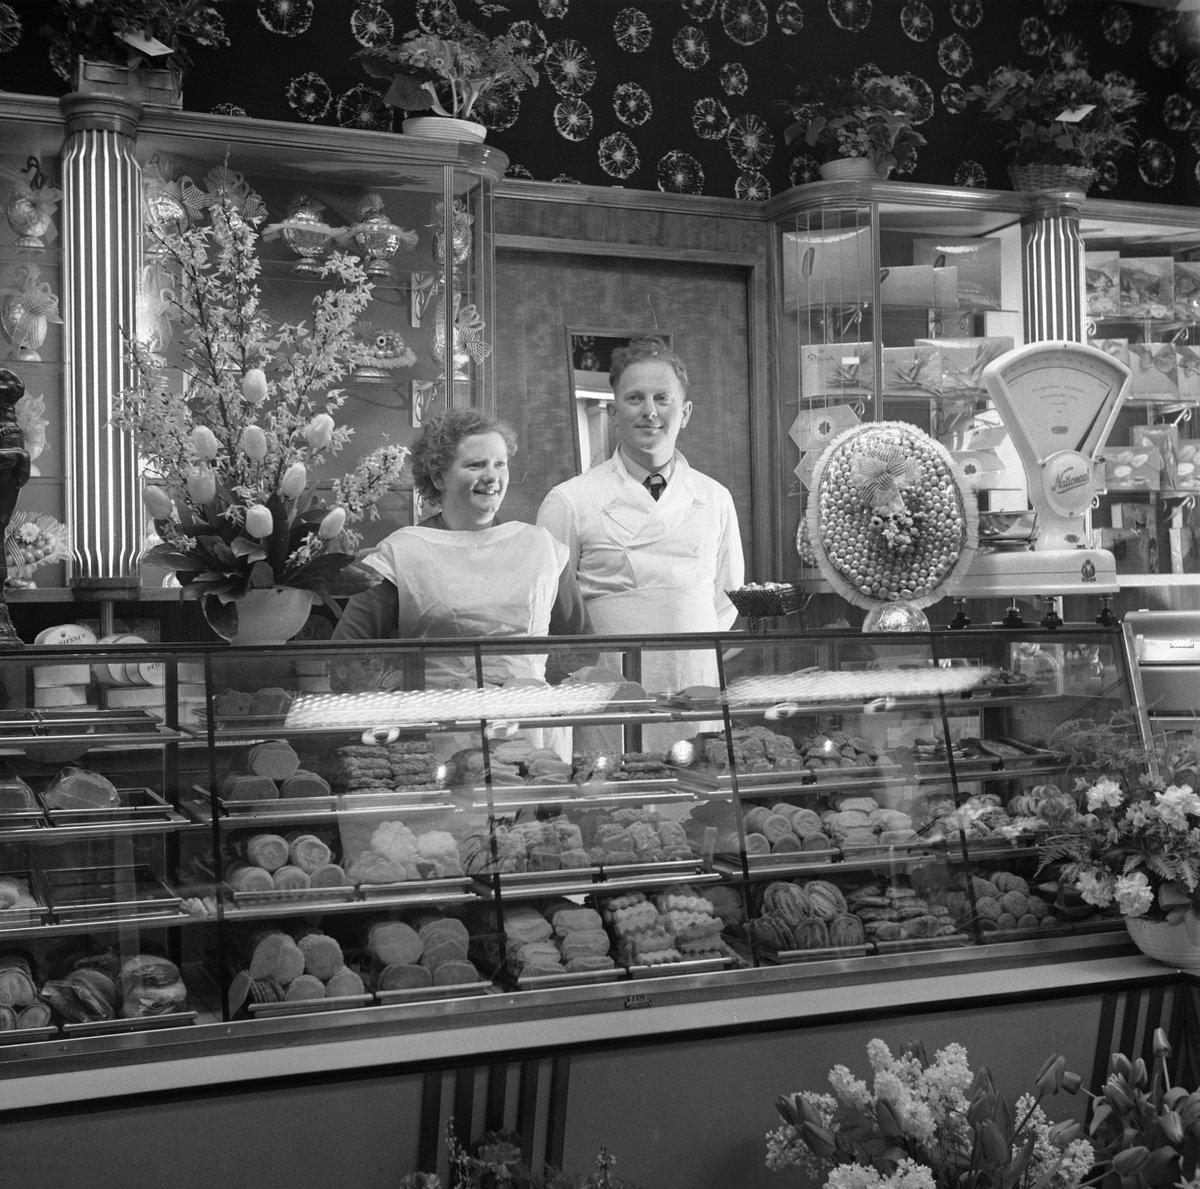 test Twitter Media - Interieur van een banketbakkerij met de eigenaren achter de toonbank. Fotograaf: Leendert van der Post (1912-1999). #Amsterdam 1954 © Collectie Stadsarchief Amsterdam: foto-afdrukken https://t.co/bEQoFV5vjQ